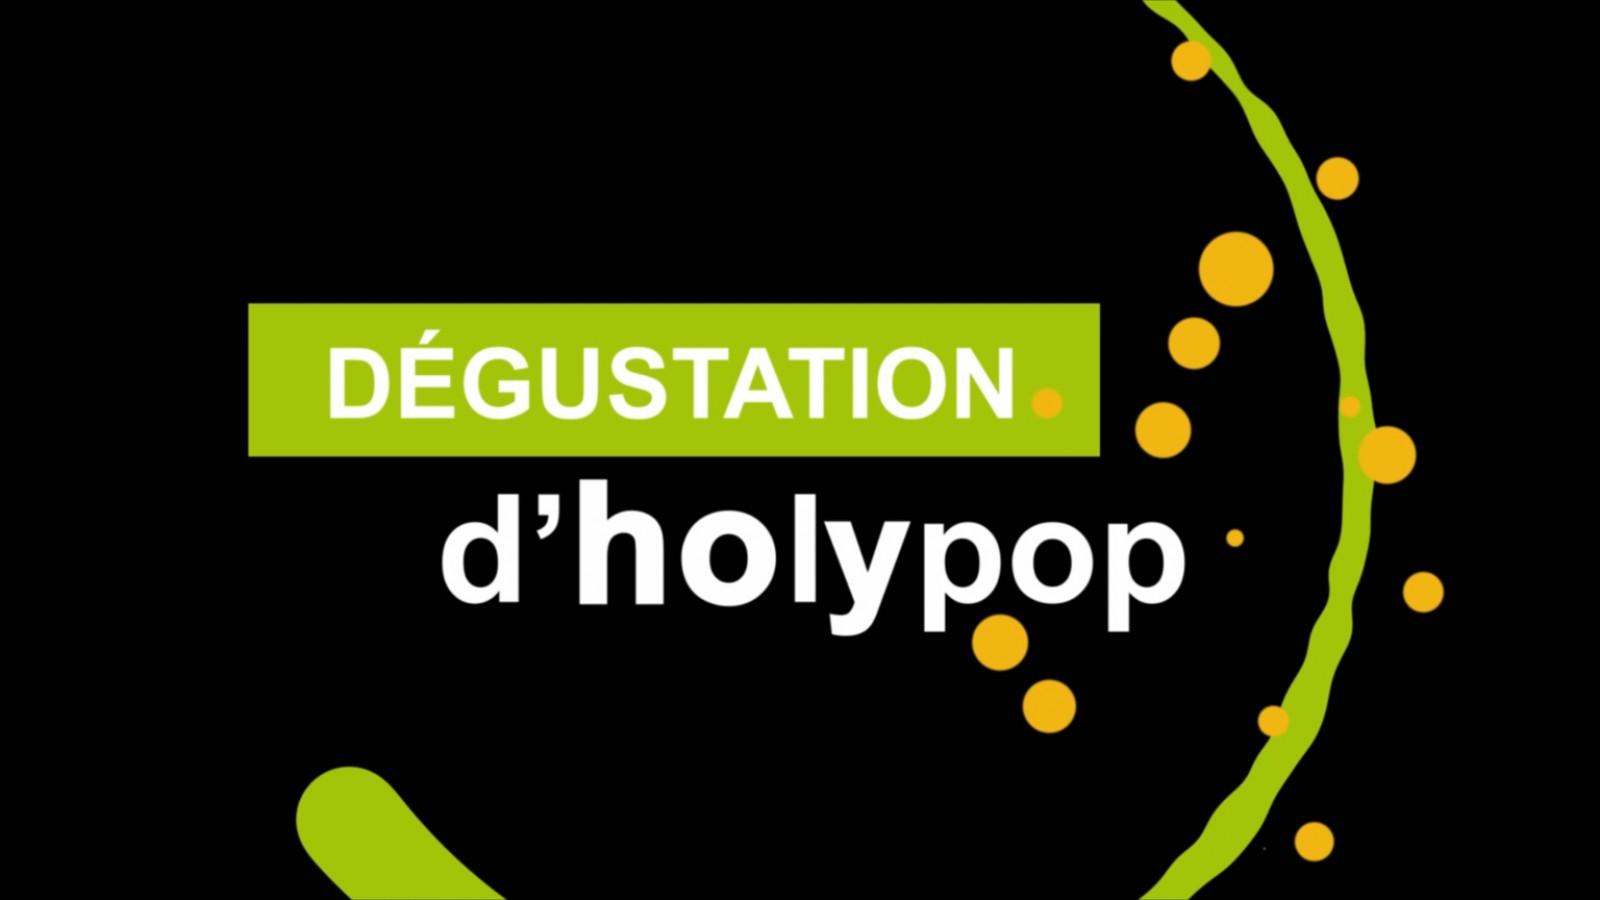 holypop-dégustation